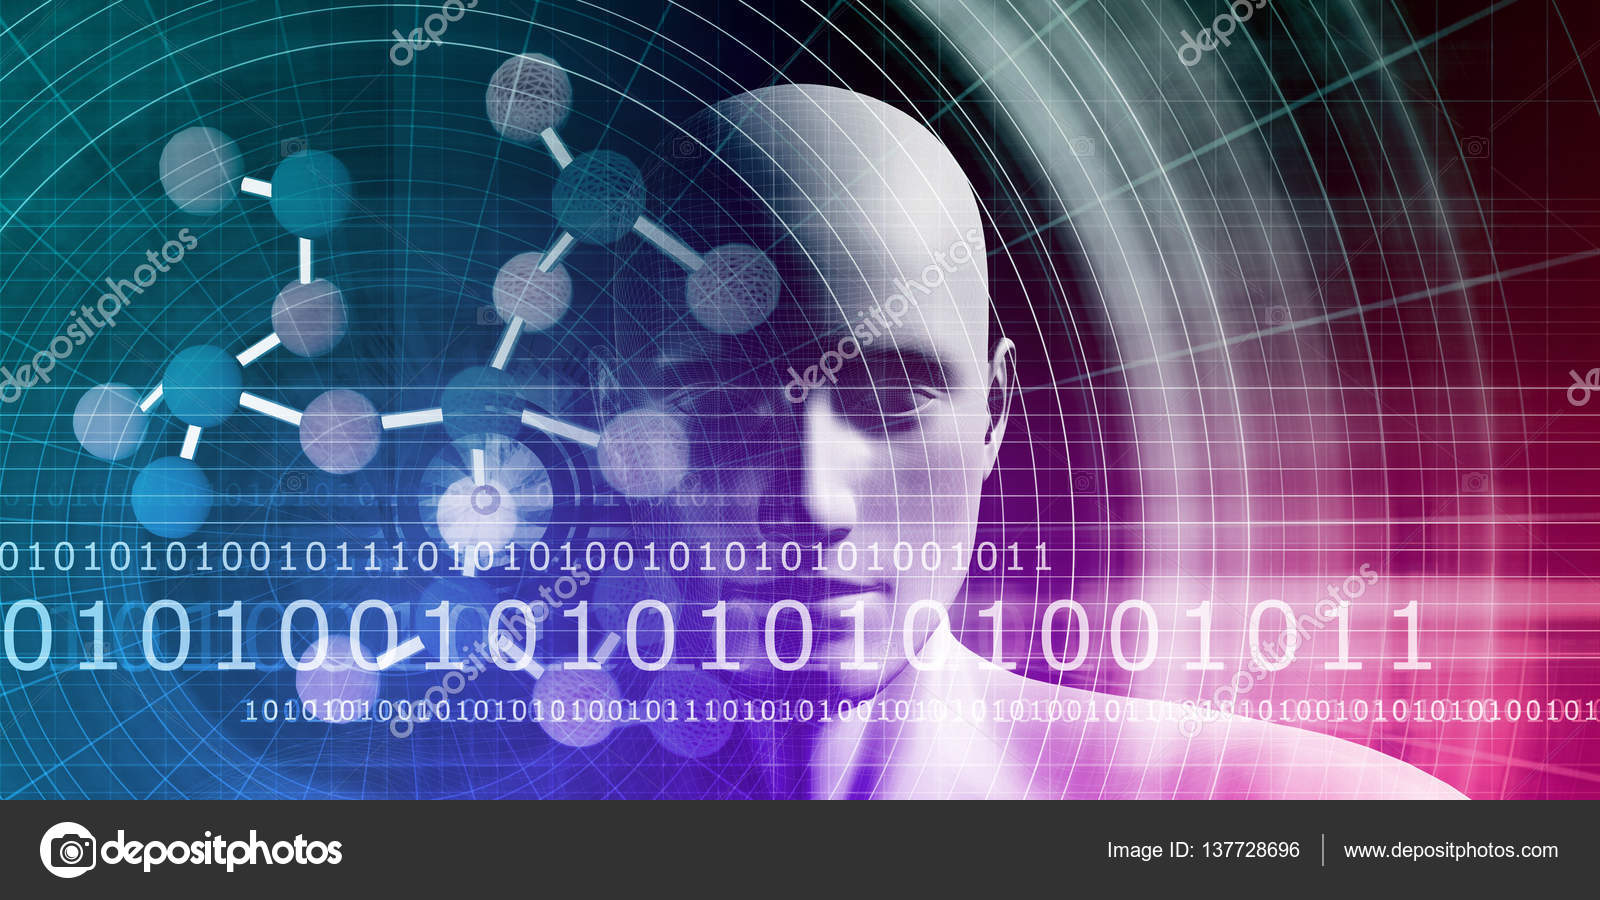 Resume De L Enseignement De Science Photographie Kentoh C 137728696